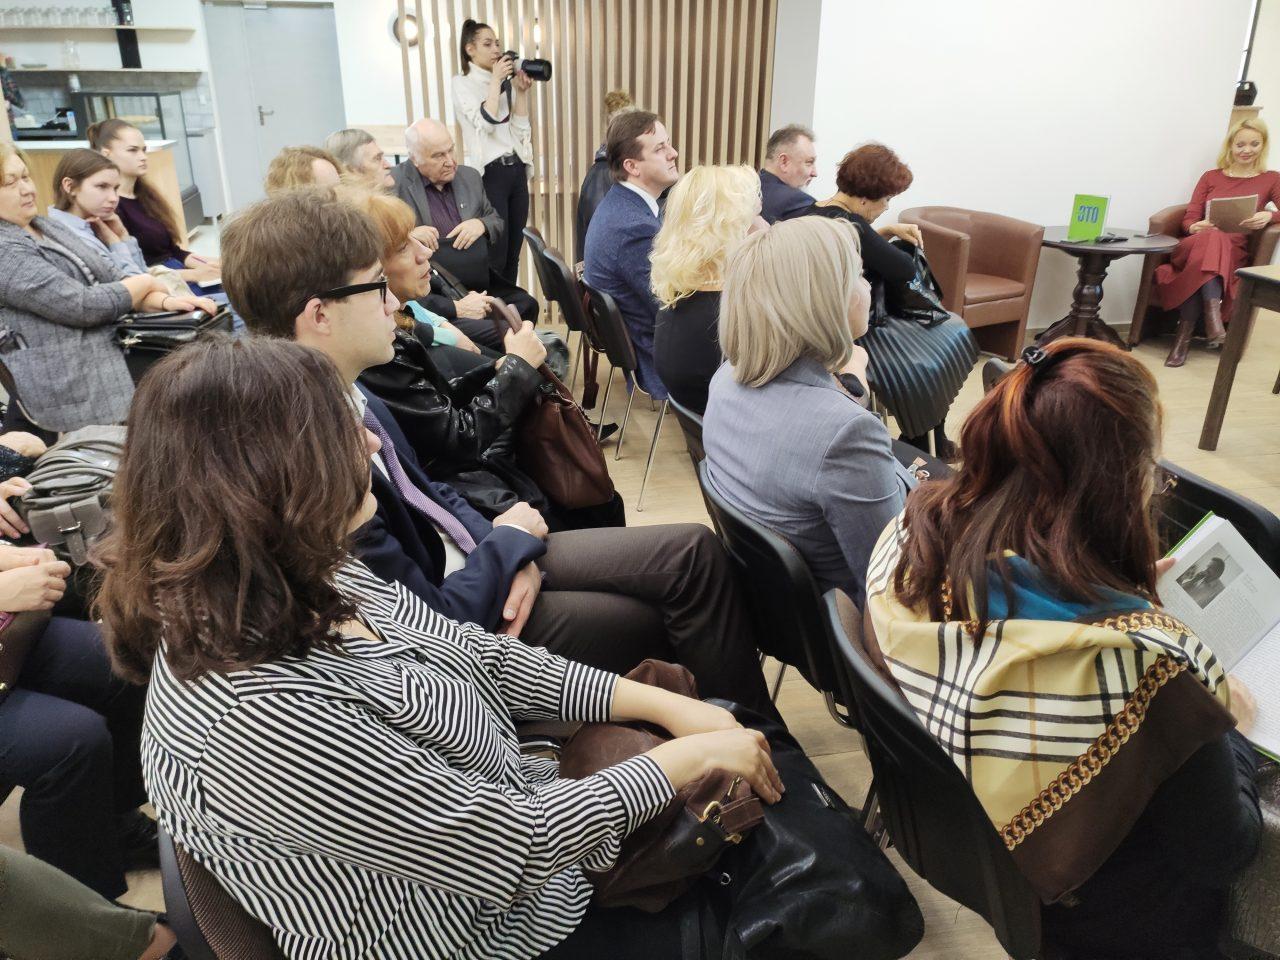 «После таких историй понимаешь: журналистике довольно сложно научить, ей можно только научиться». В Минске прошла презентация книги «Журналистика — это...» 21